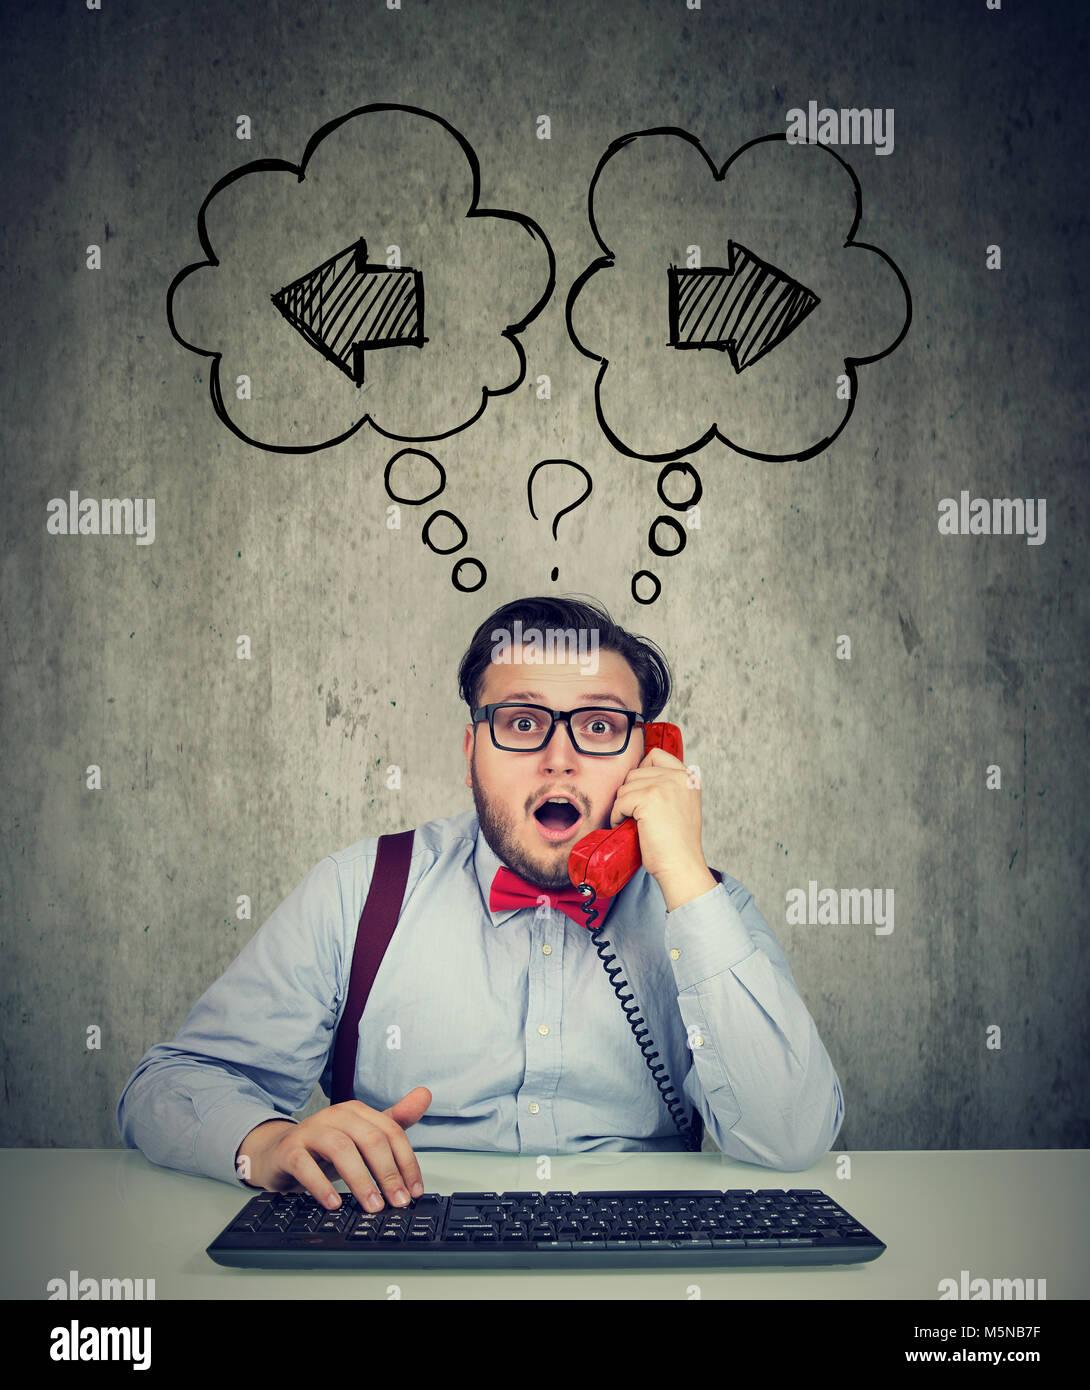 Imprenditore con tastiera a parlare su un telefono incerto sulla prossima fase di business Immagini Stock